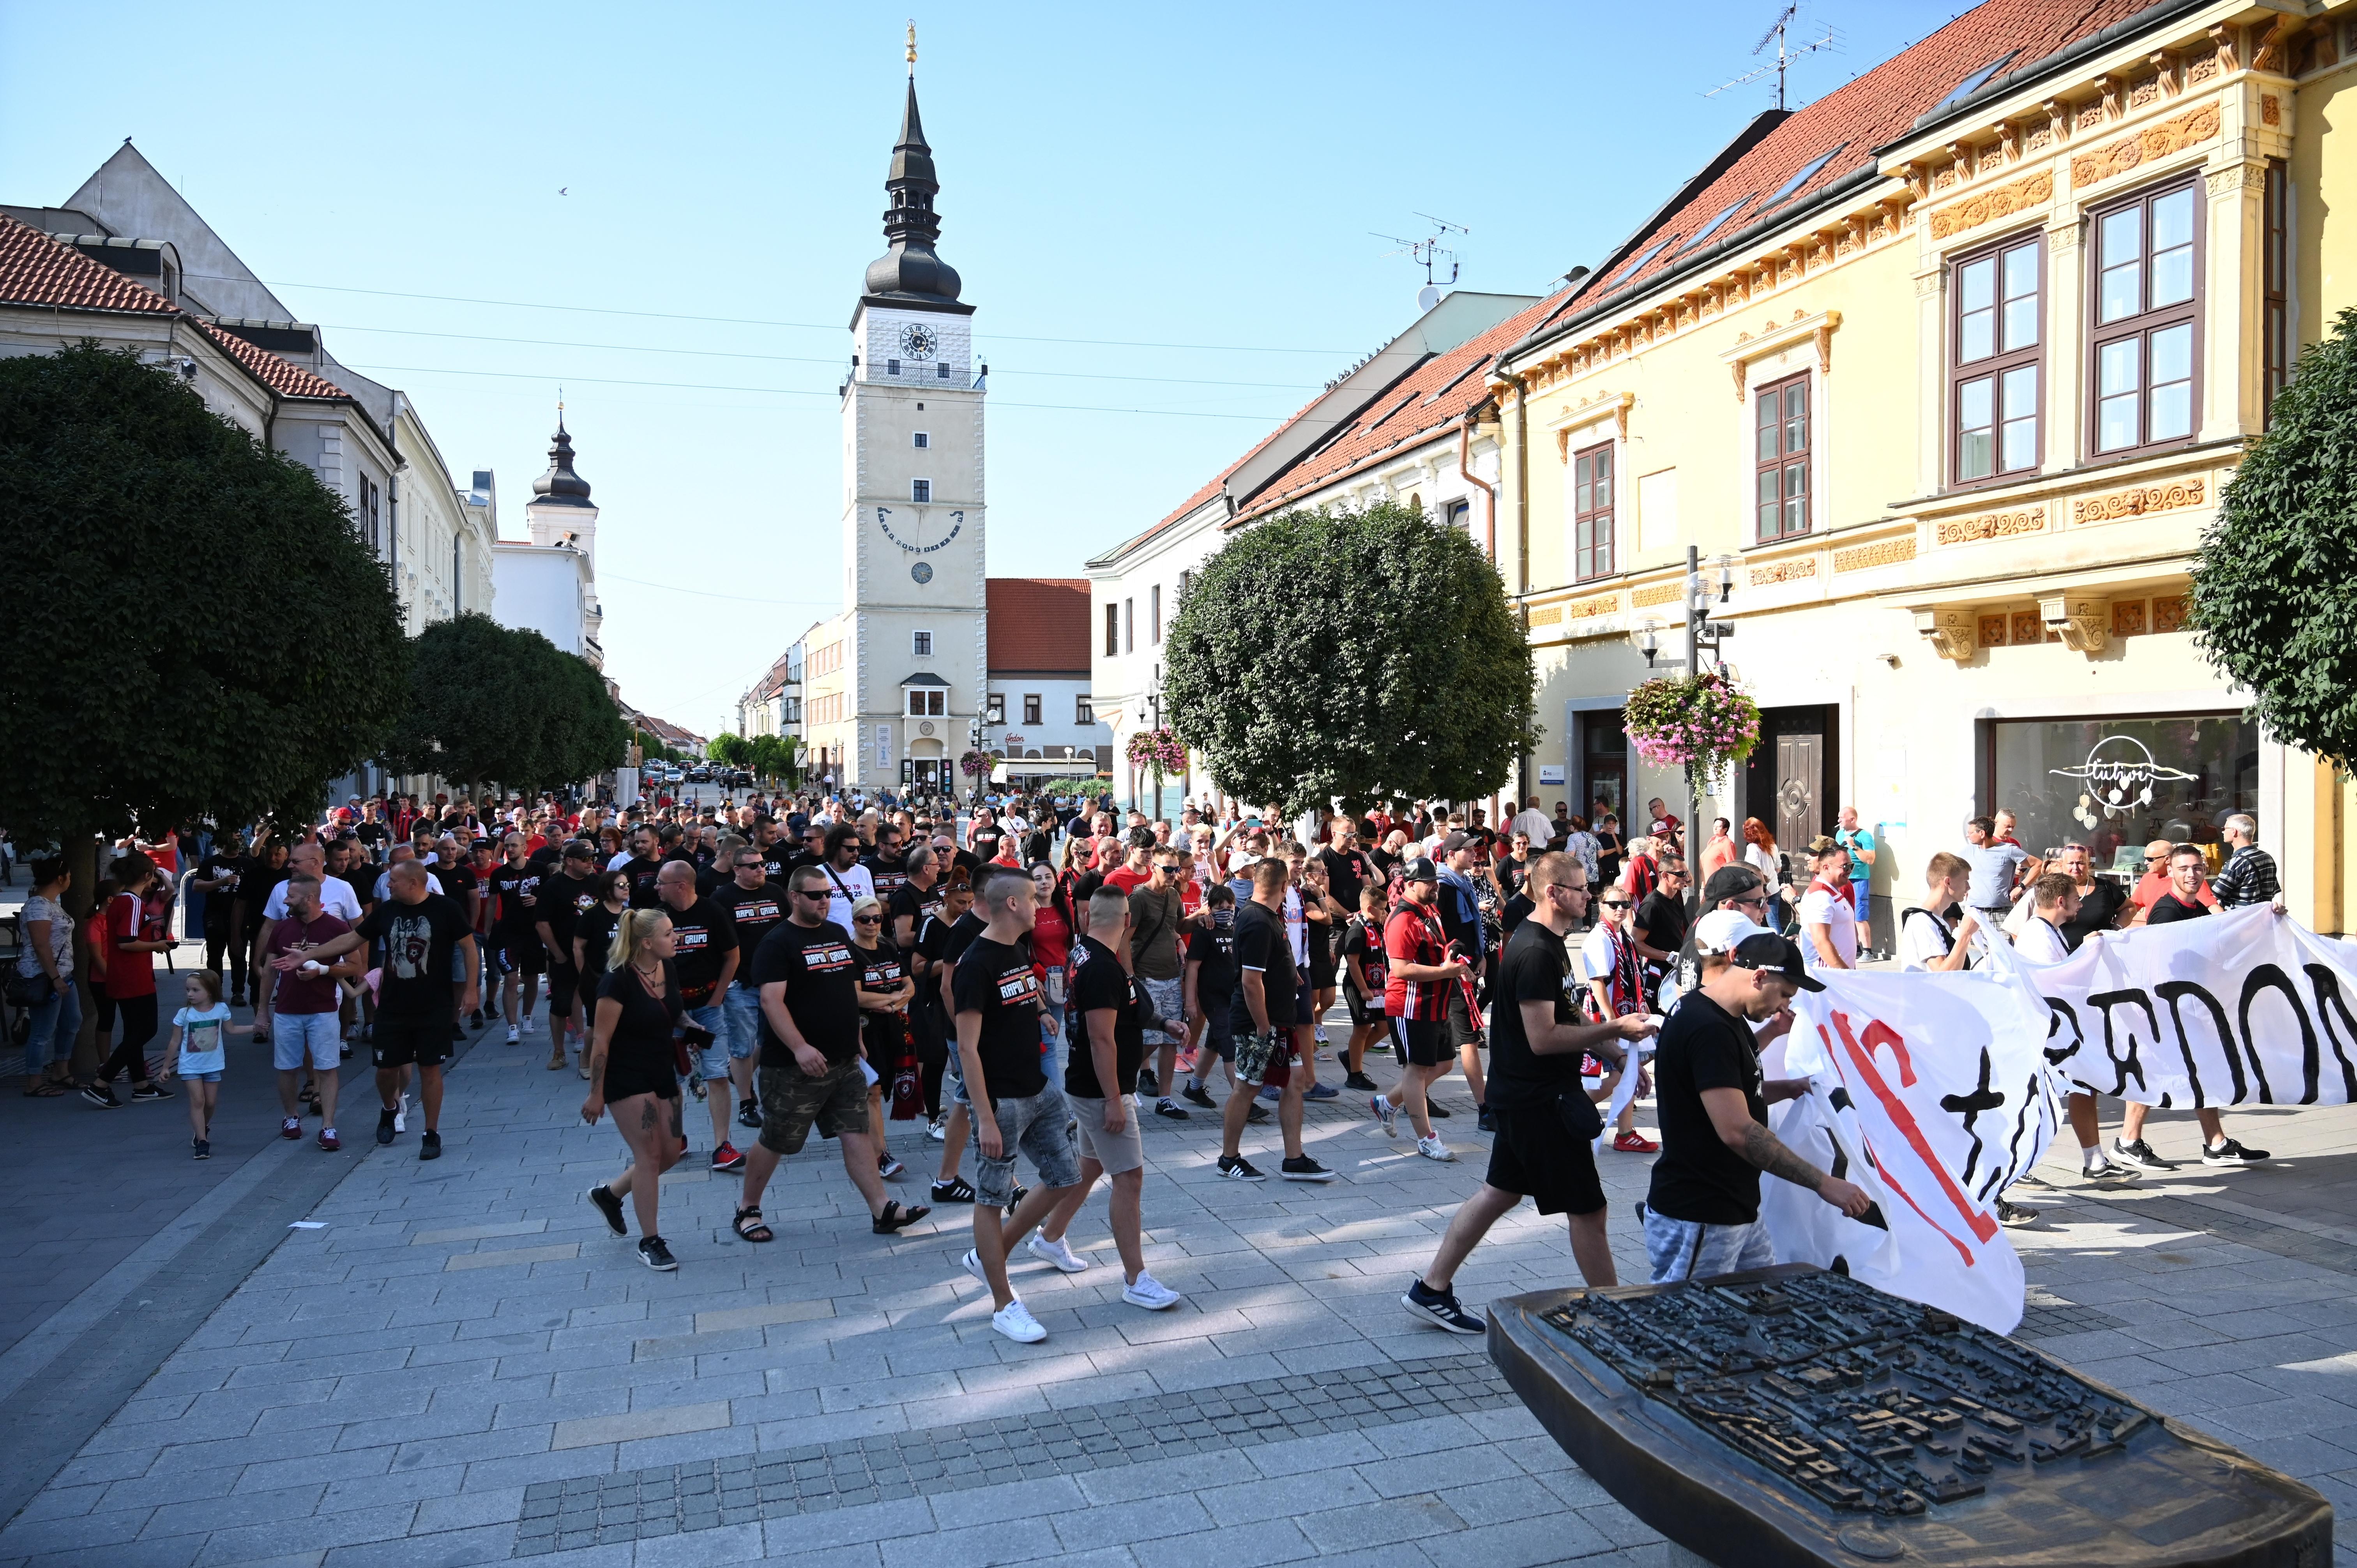 В Словакии фанаты устроили акцию протеста, требуя свободного посещения стадионов (Фото) - изображение 4